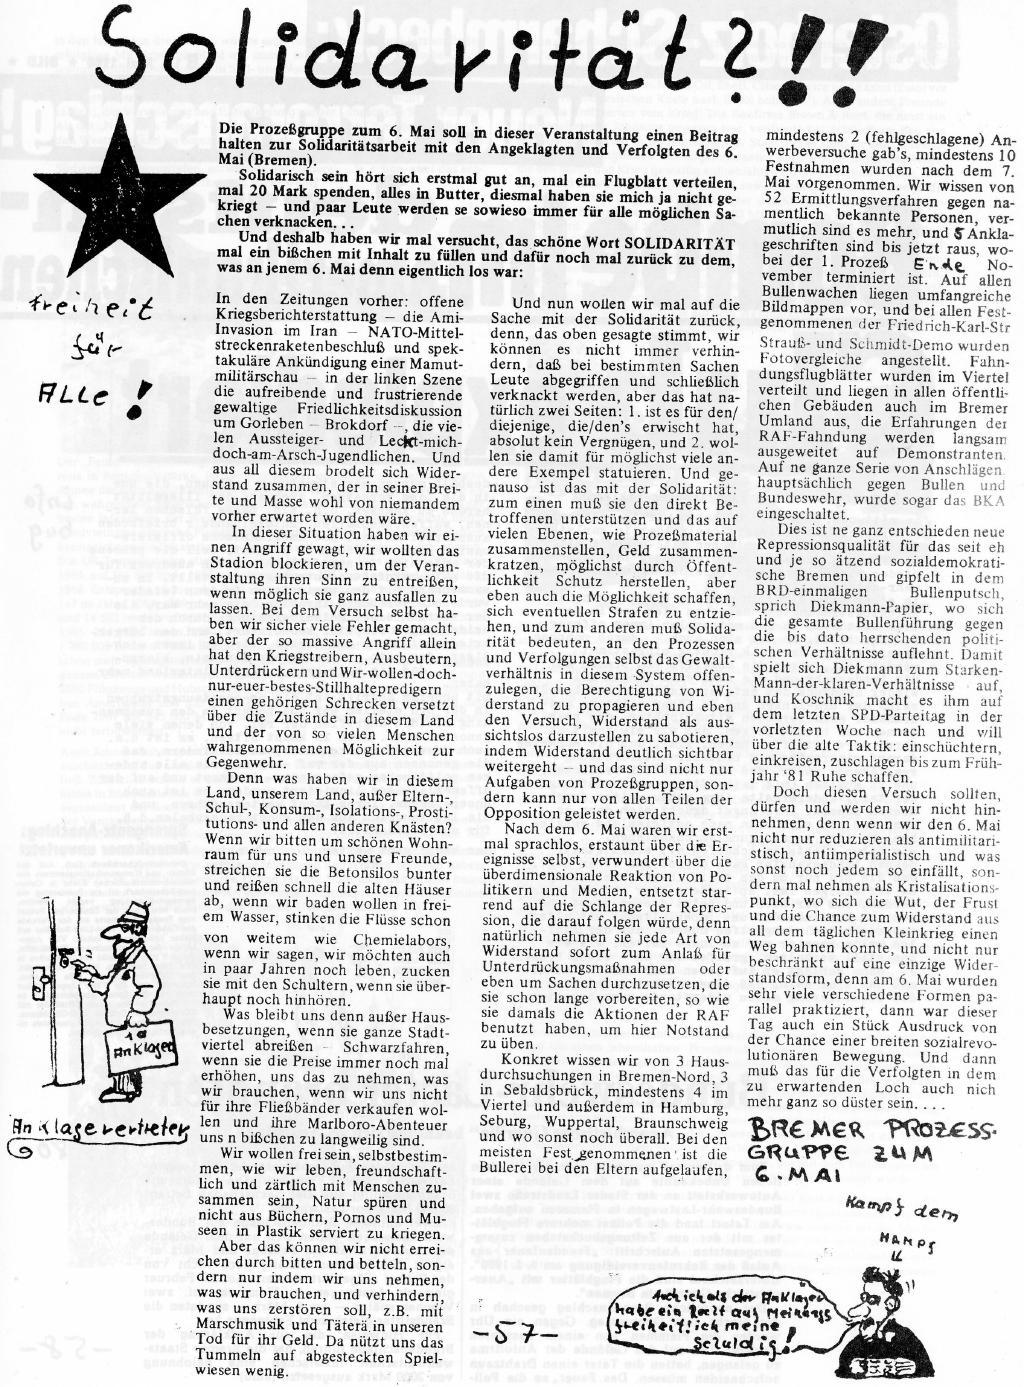 Bremen_1980_NATO_Broschuere_57